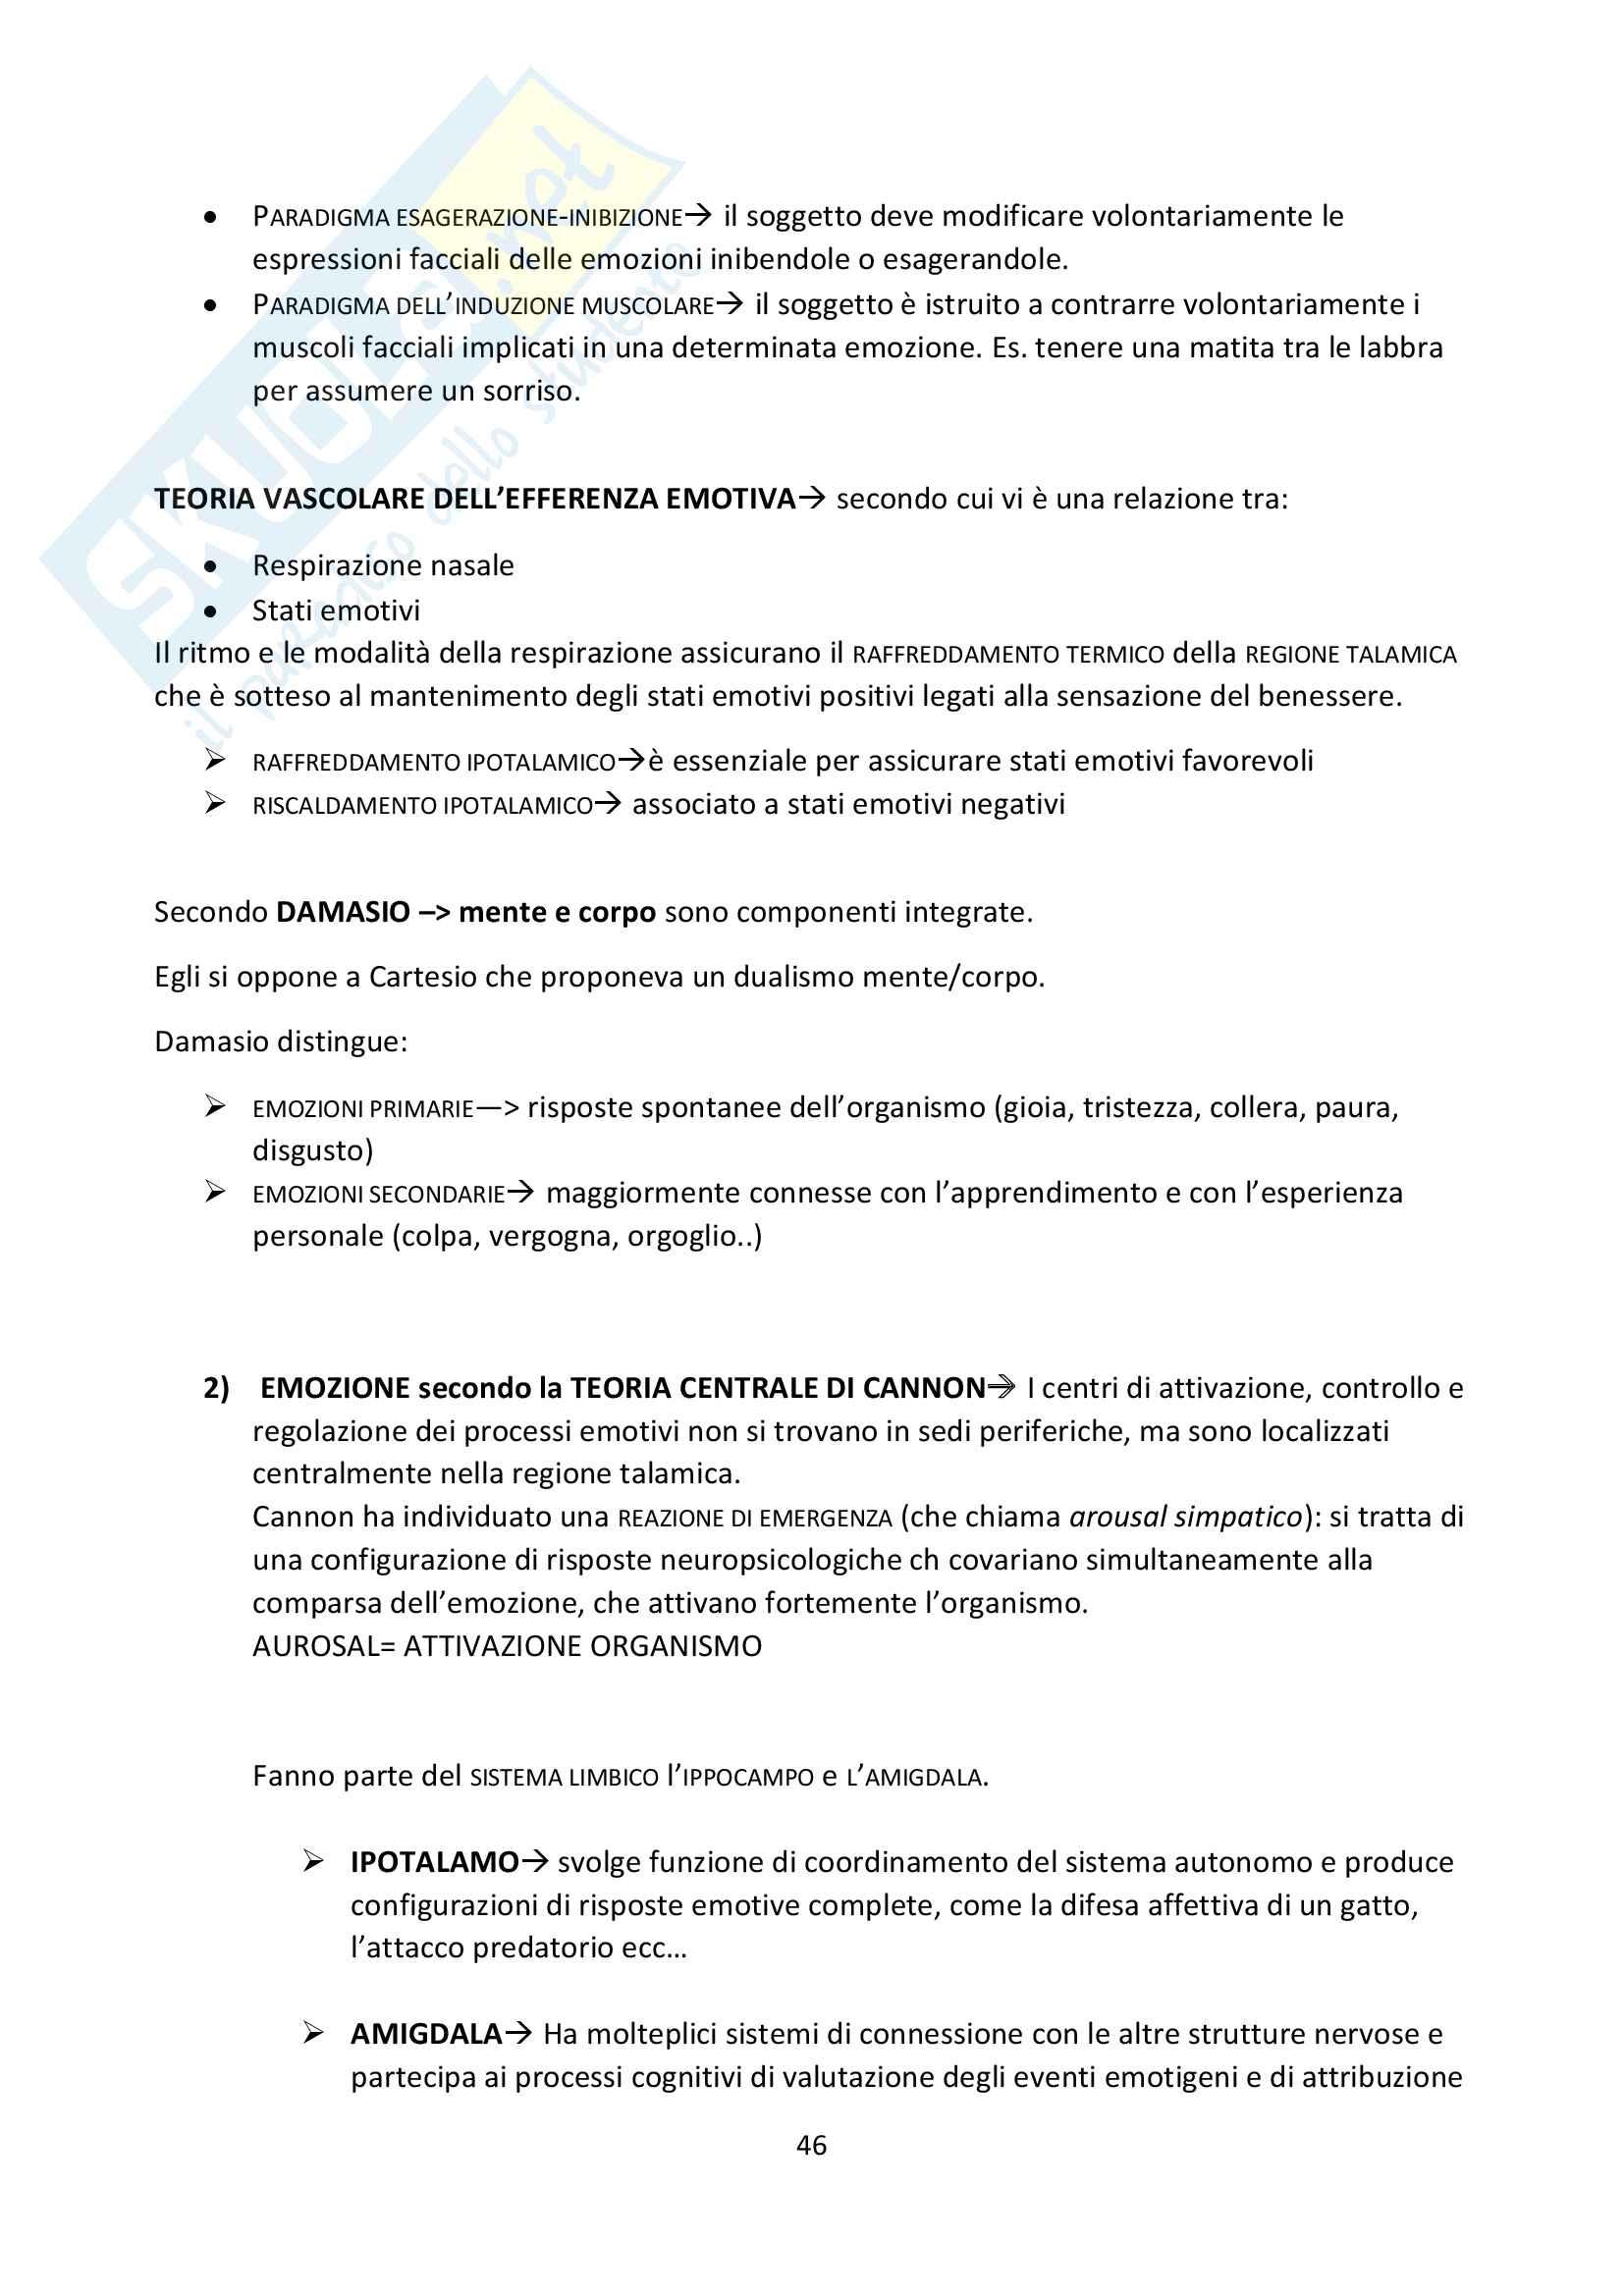 """Riassunto esame Psicologia Generale, docente Federici, libro consigliato """"Psicologia Generale"""" di L. Anolli e P. Legrenzi Pag. 46"""